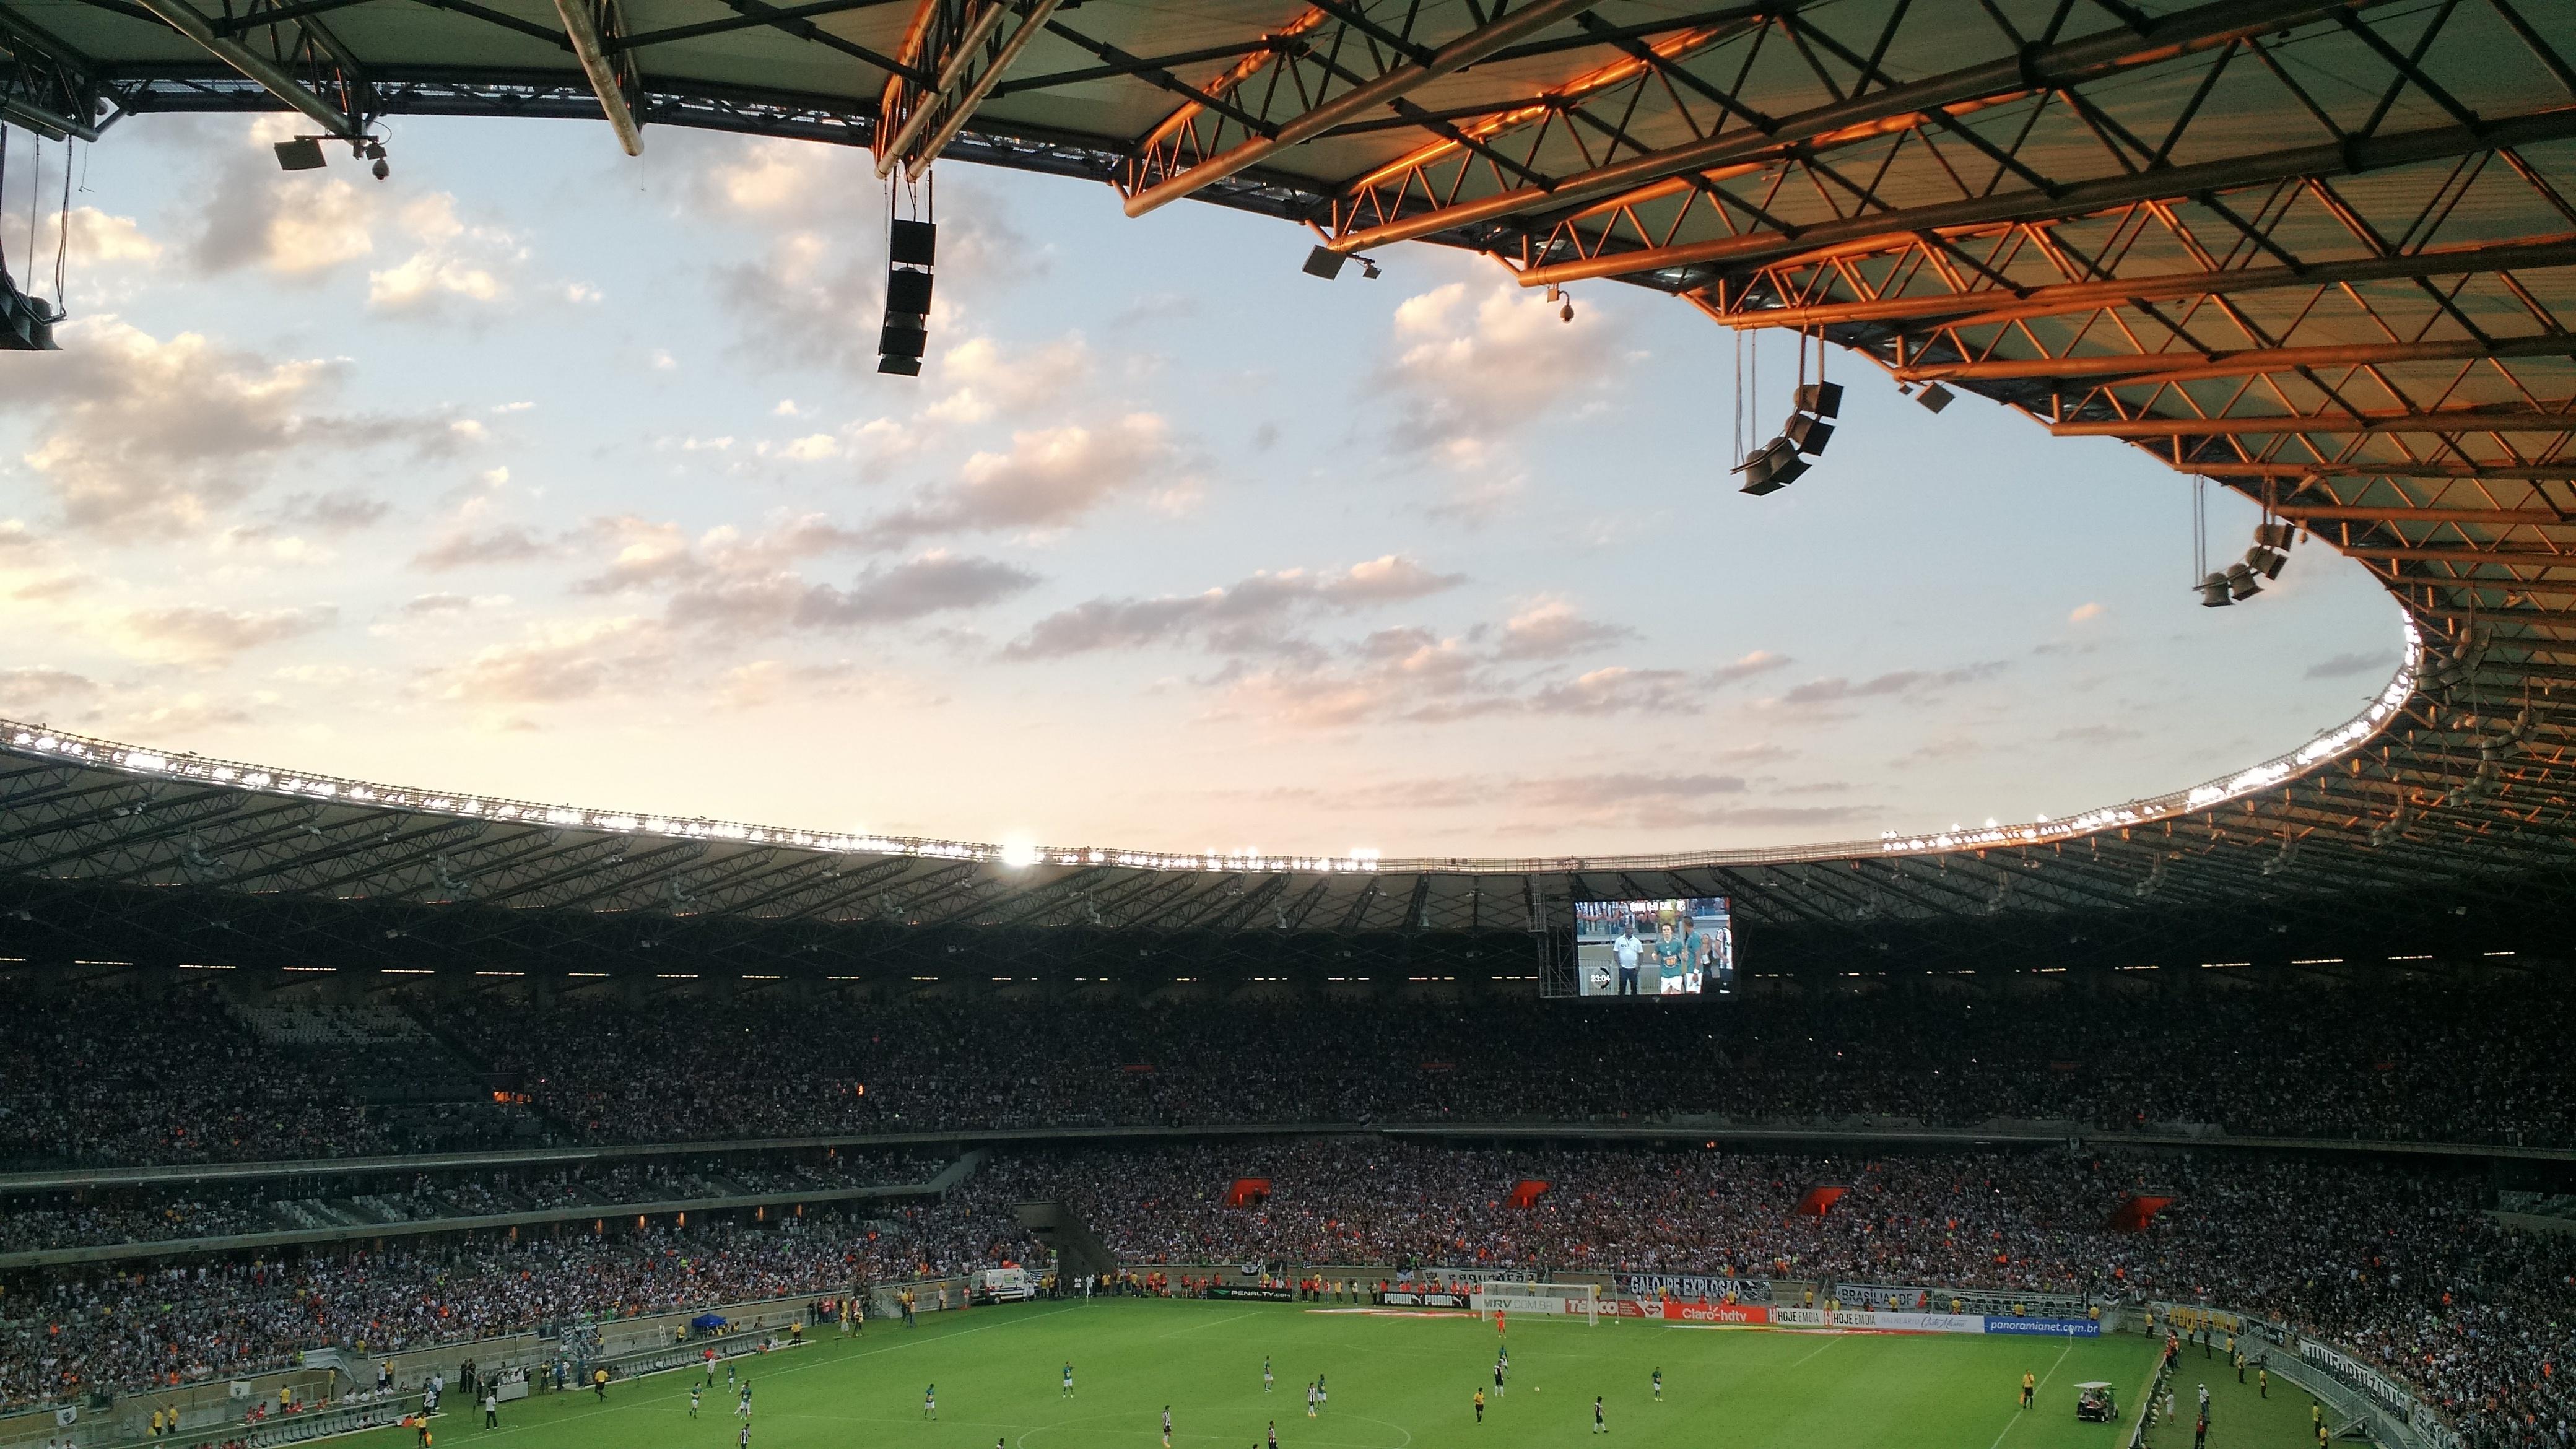 Fotos Gratis Estructura Juego Estadio Campo De Béisbol